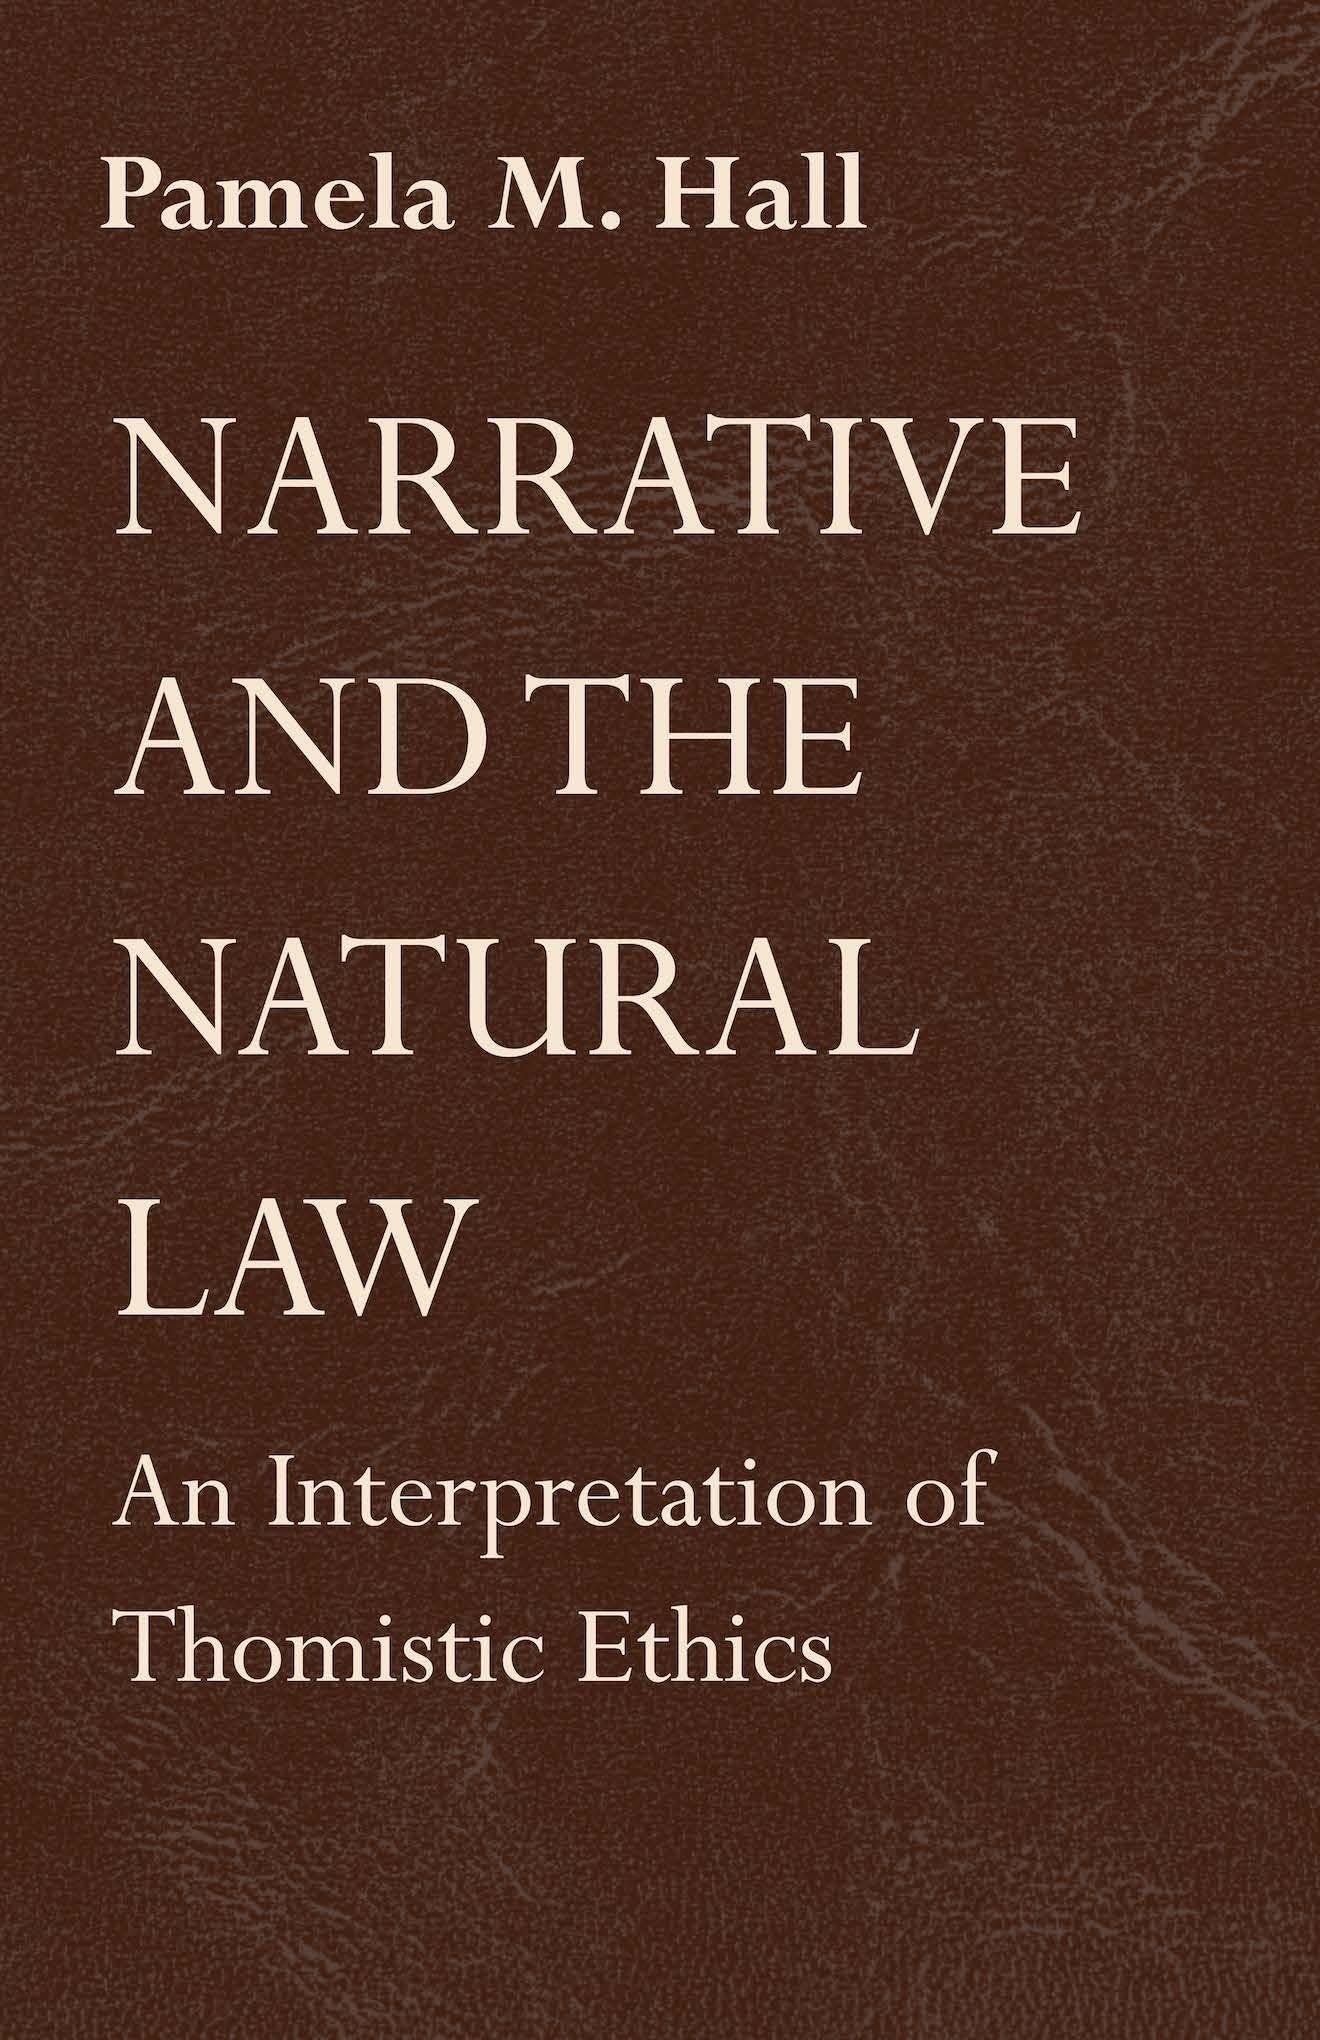 Narrative Natural Law